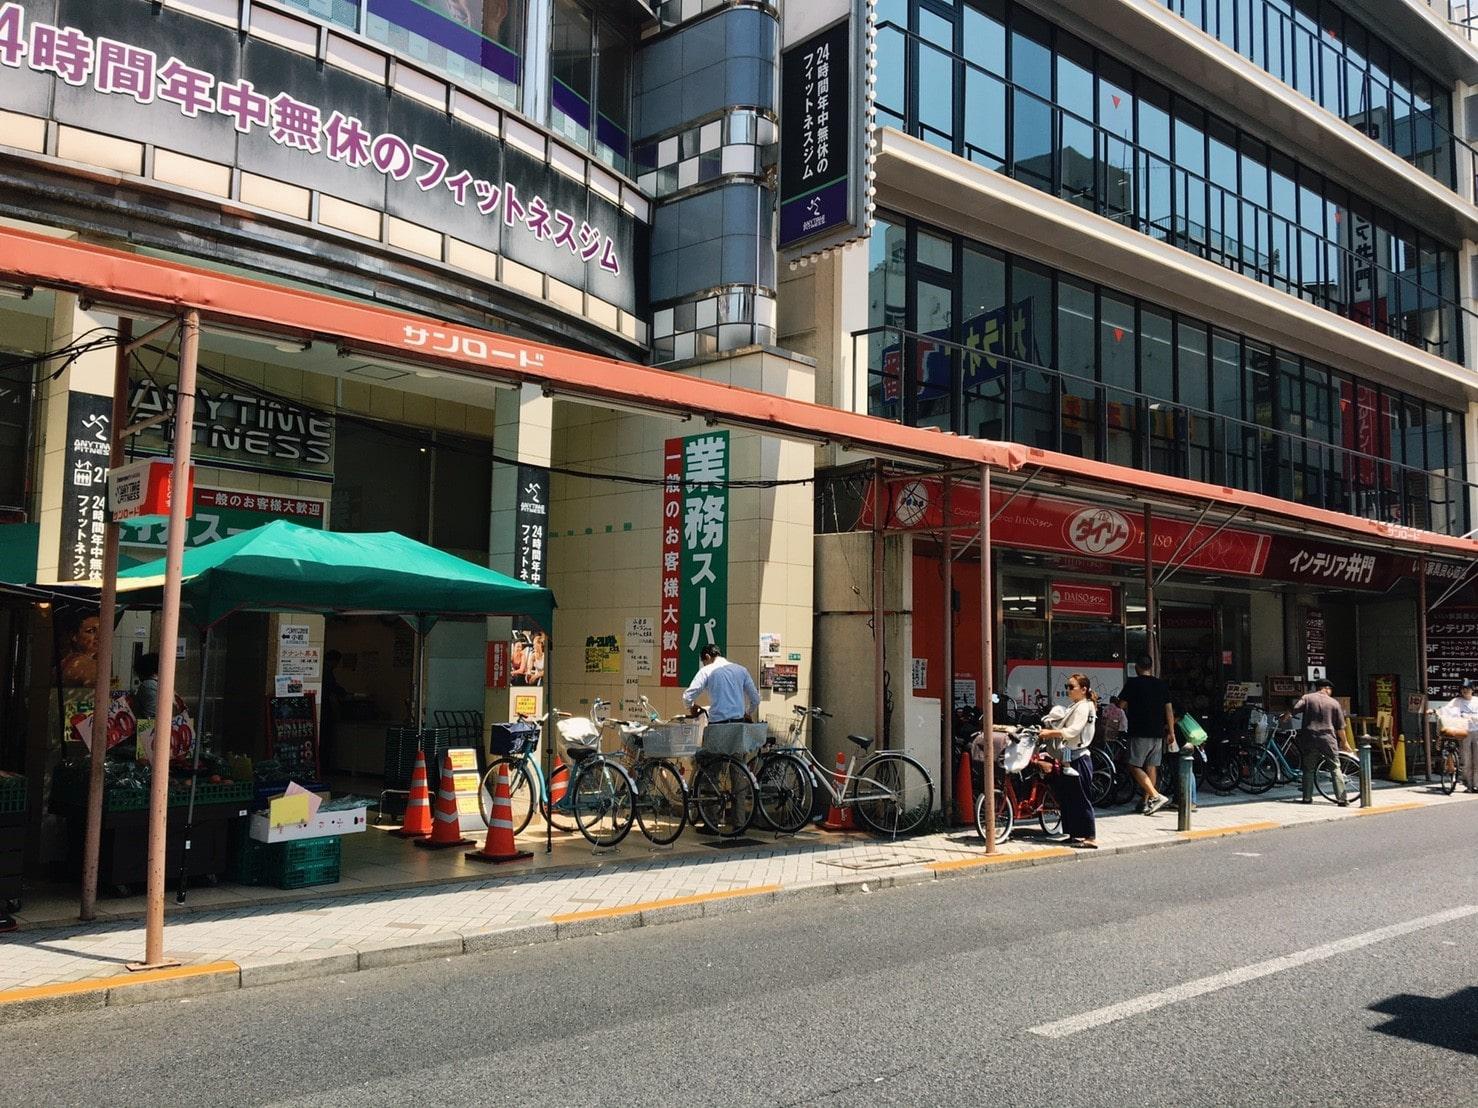 サンロード商店街の風景